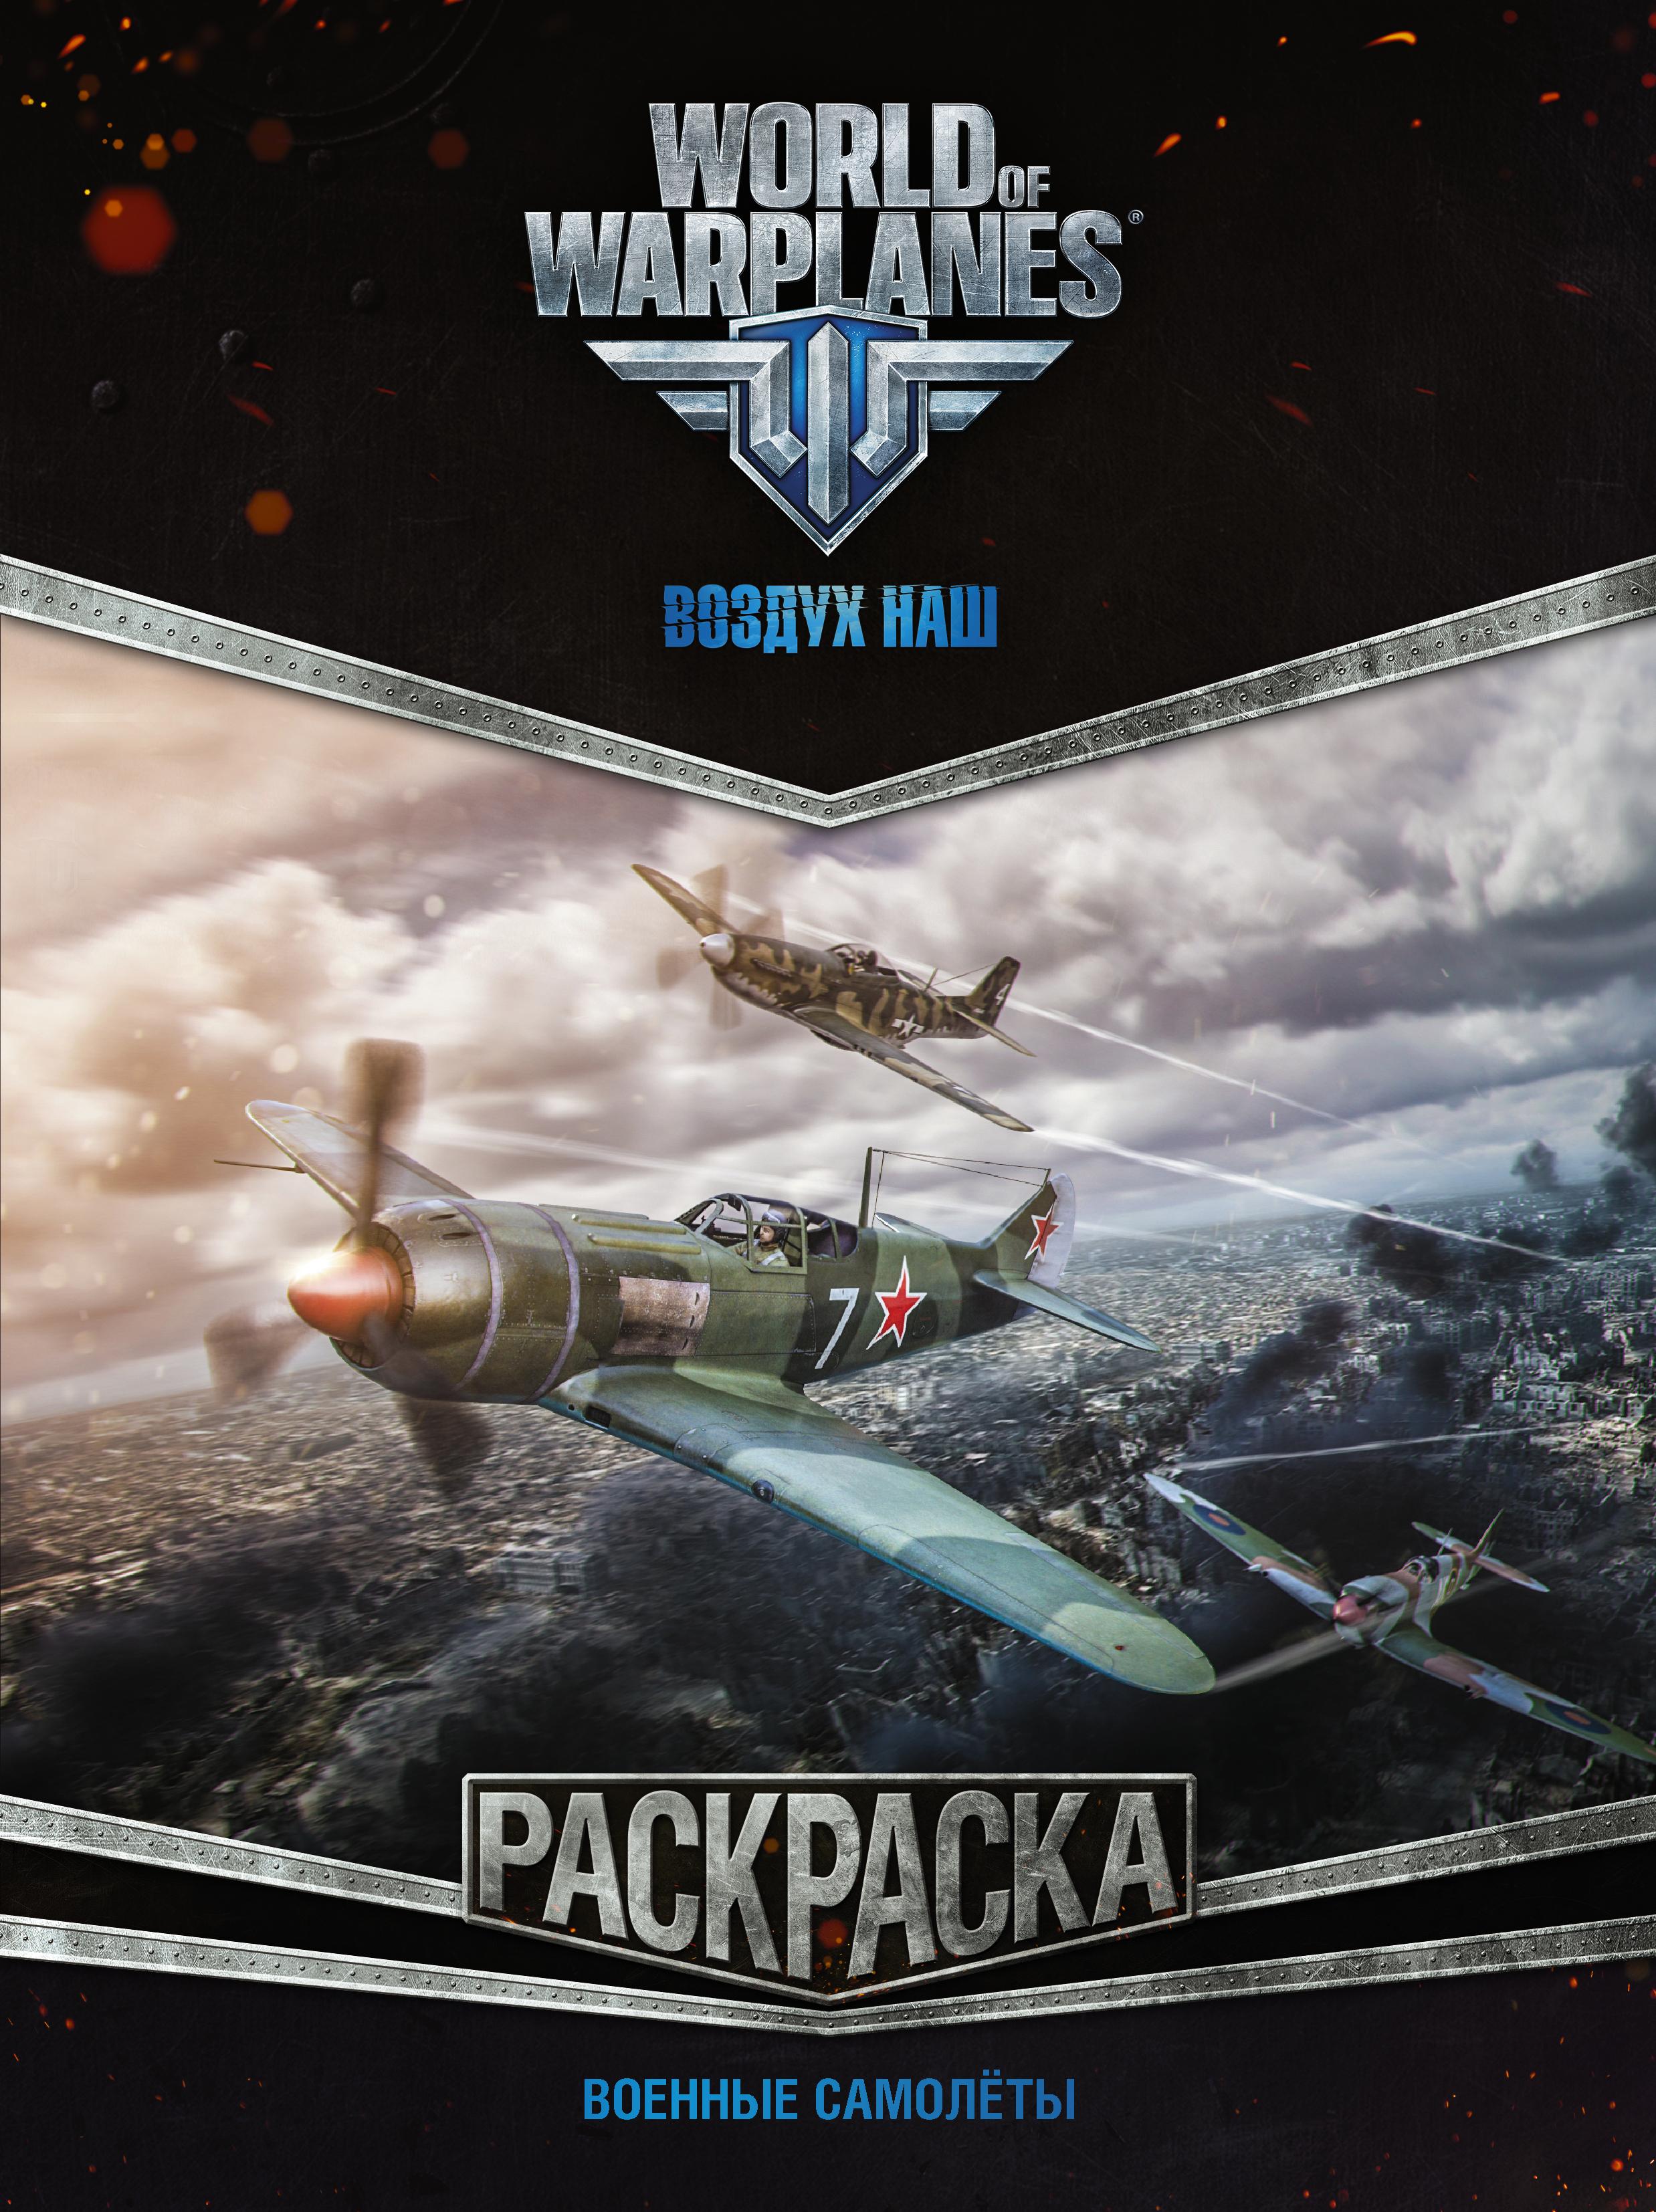 . World of Warplanes. Раскраска. Военные самолеты как избавится от ненужных вещей или продать в игре hands of war онлайн